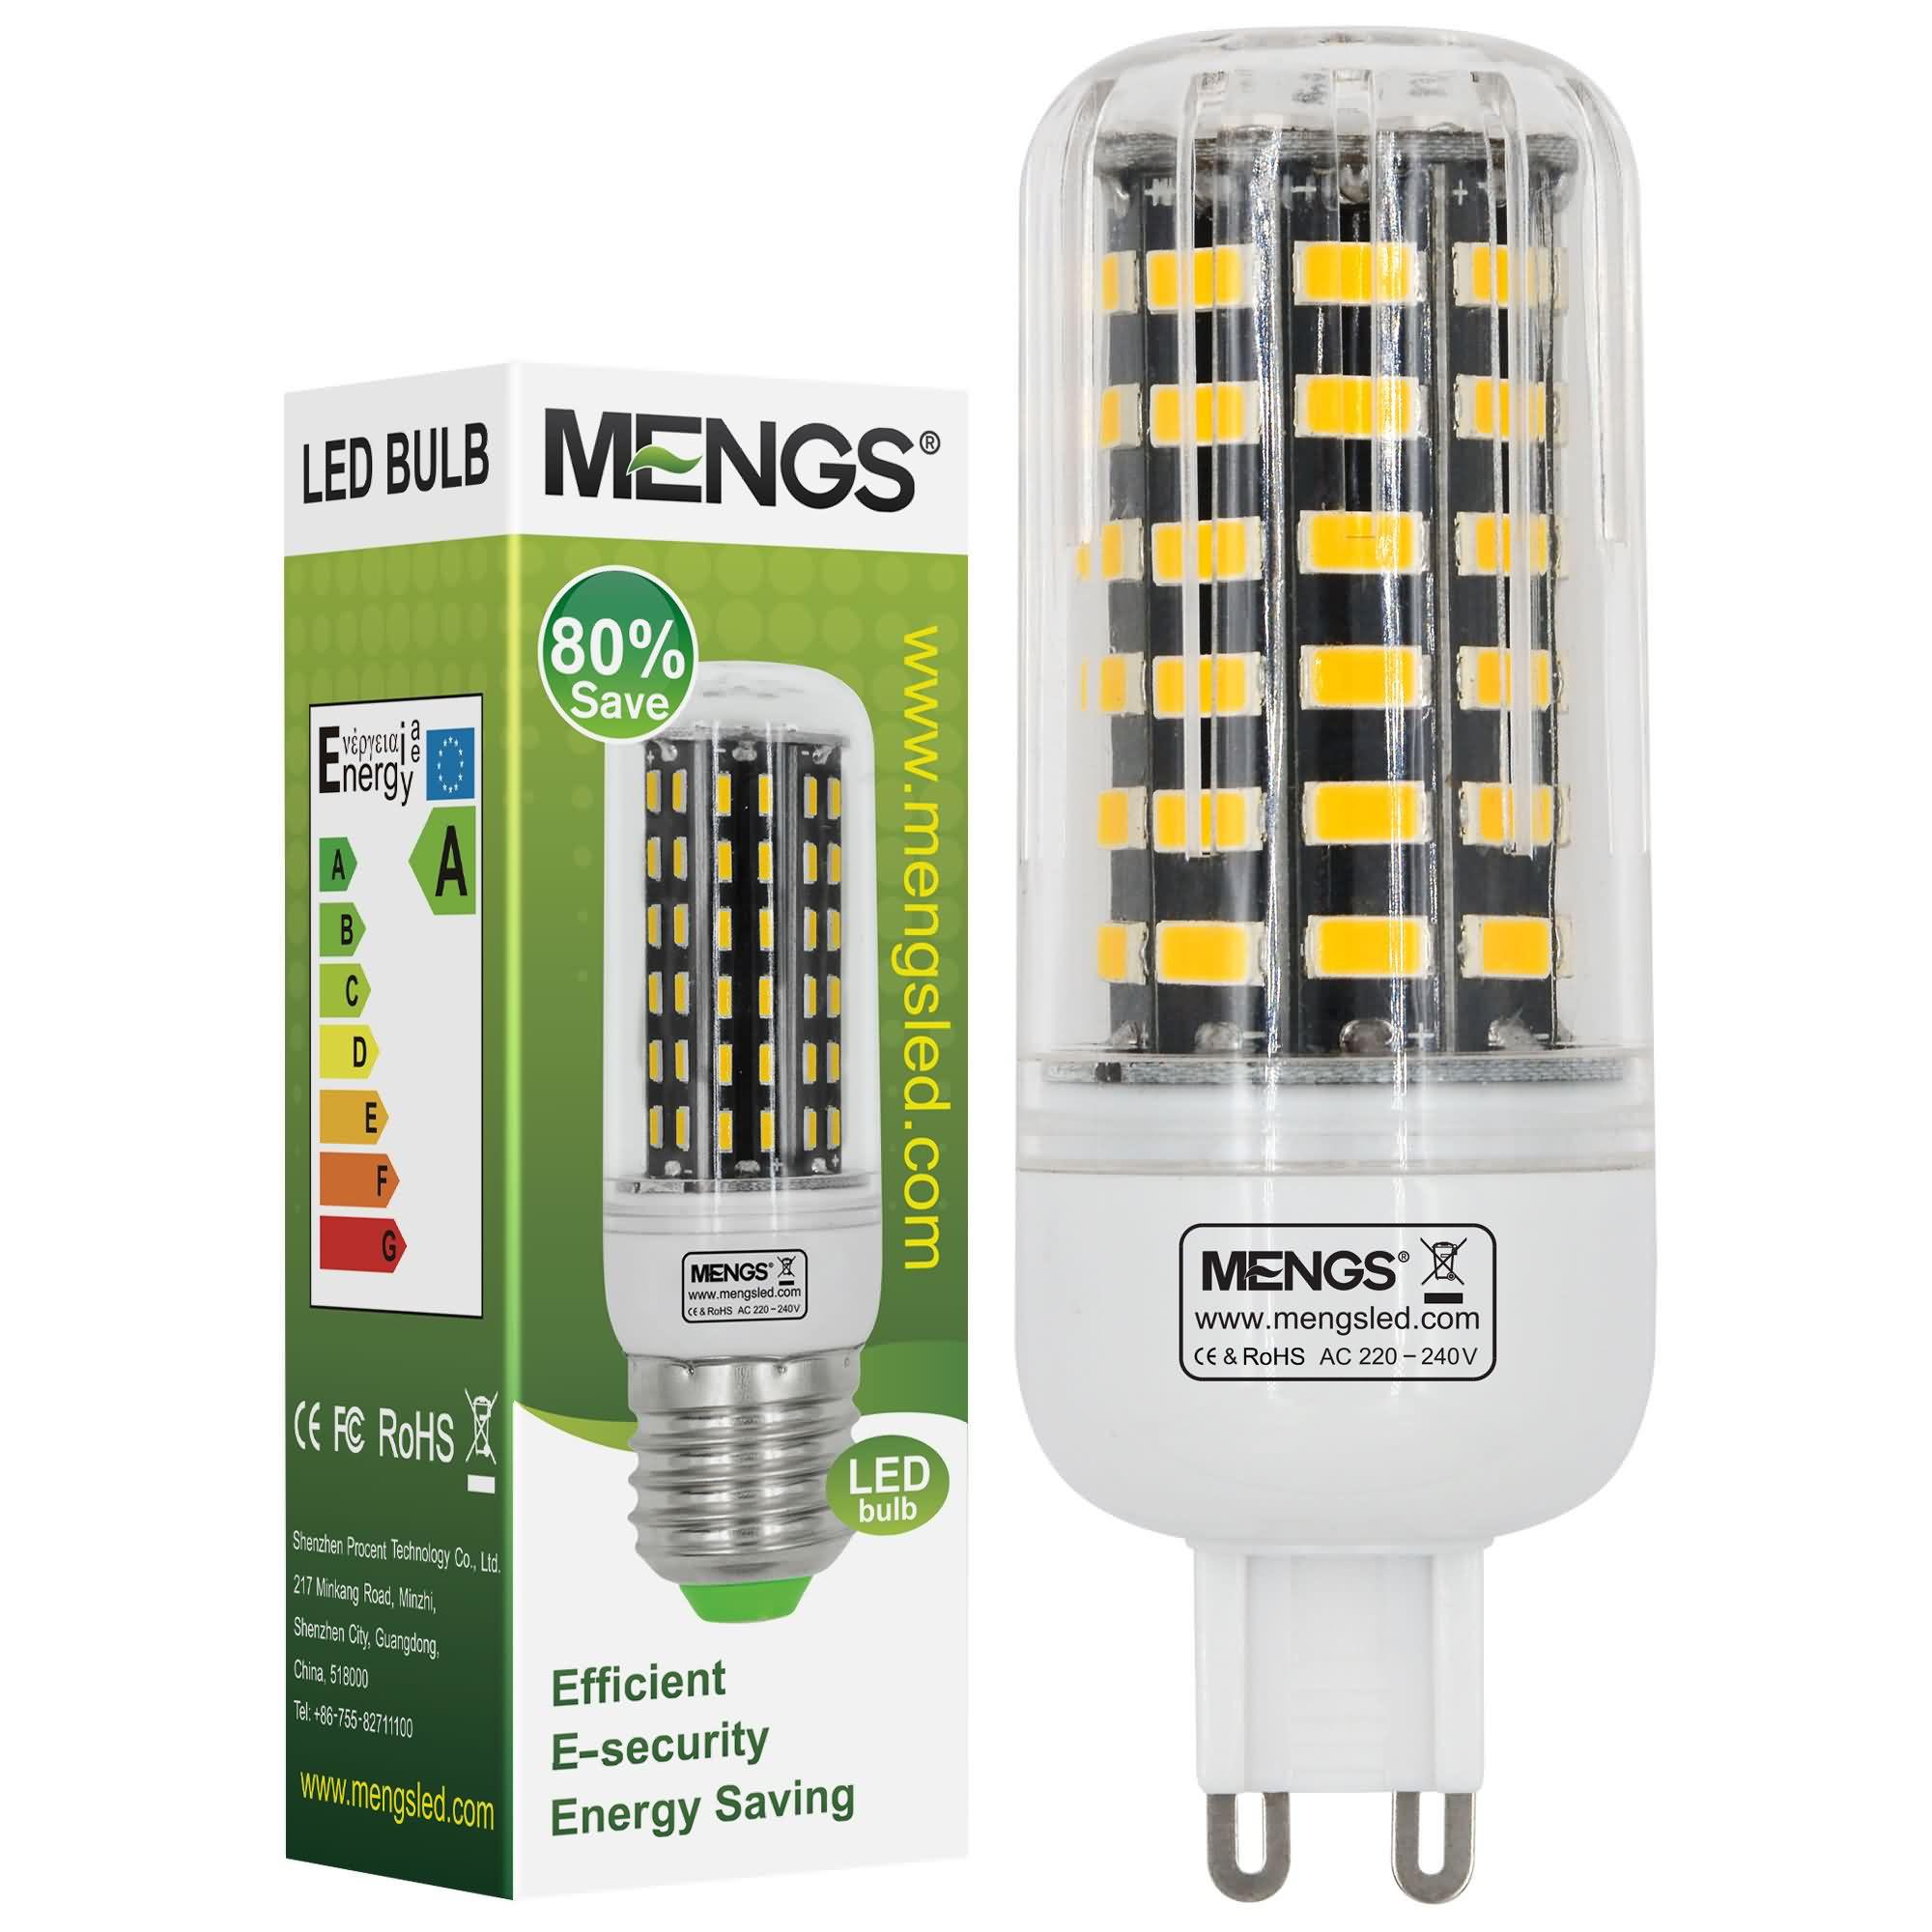 MENGS® G9 9W LED Corn Light 64x 5733 SMD LED Bulb Lamp In Warm White Energy-Saving Light